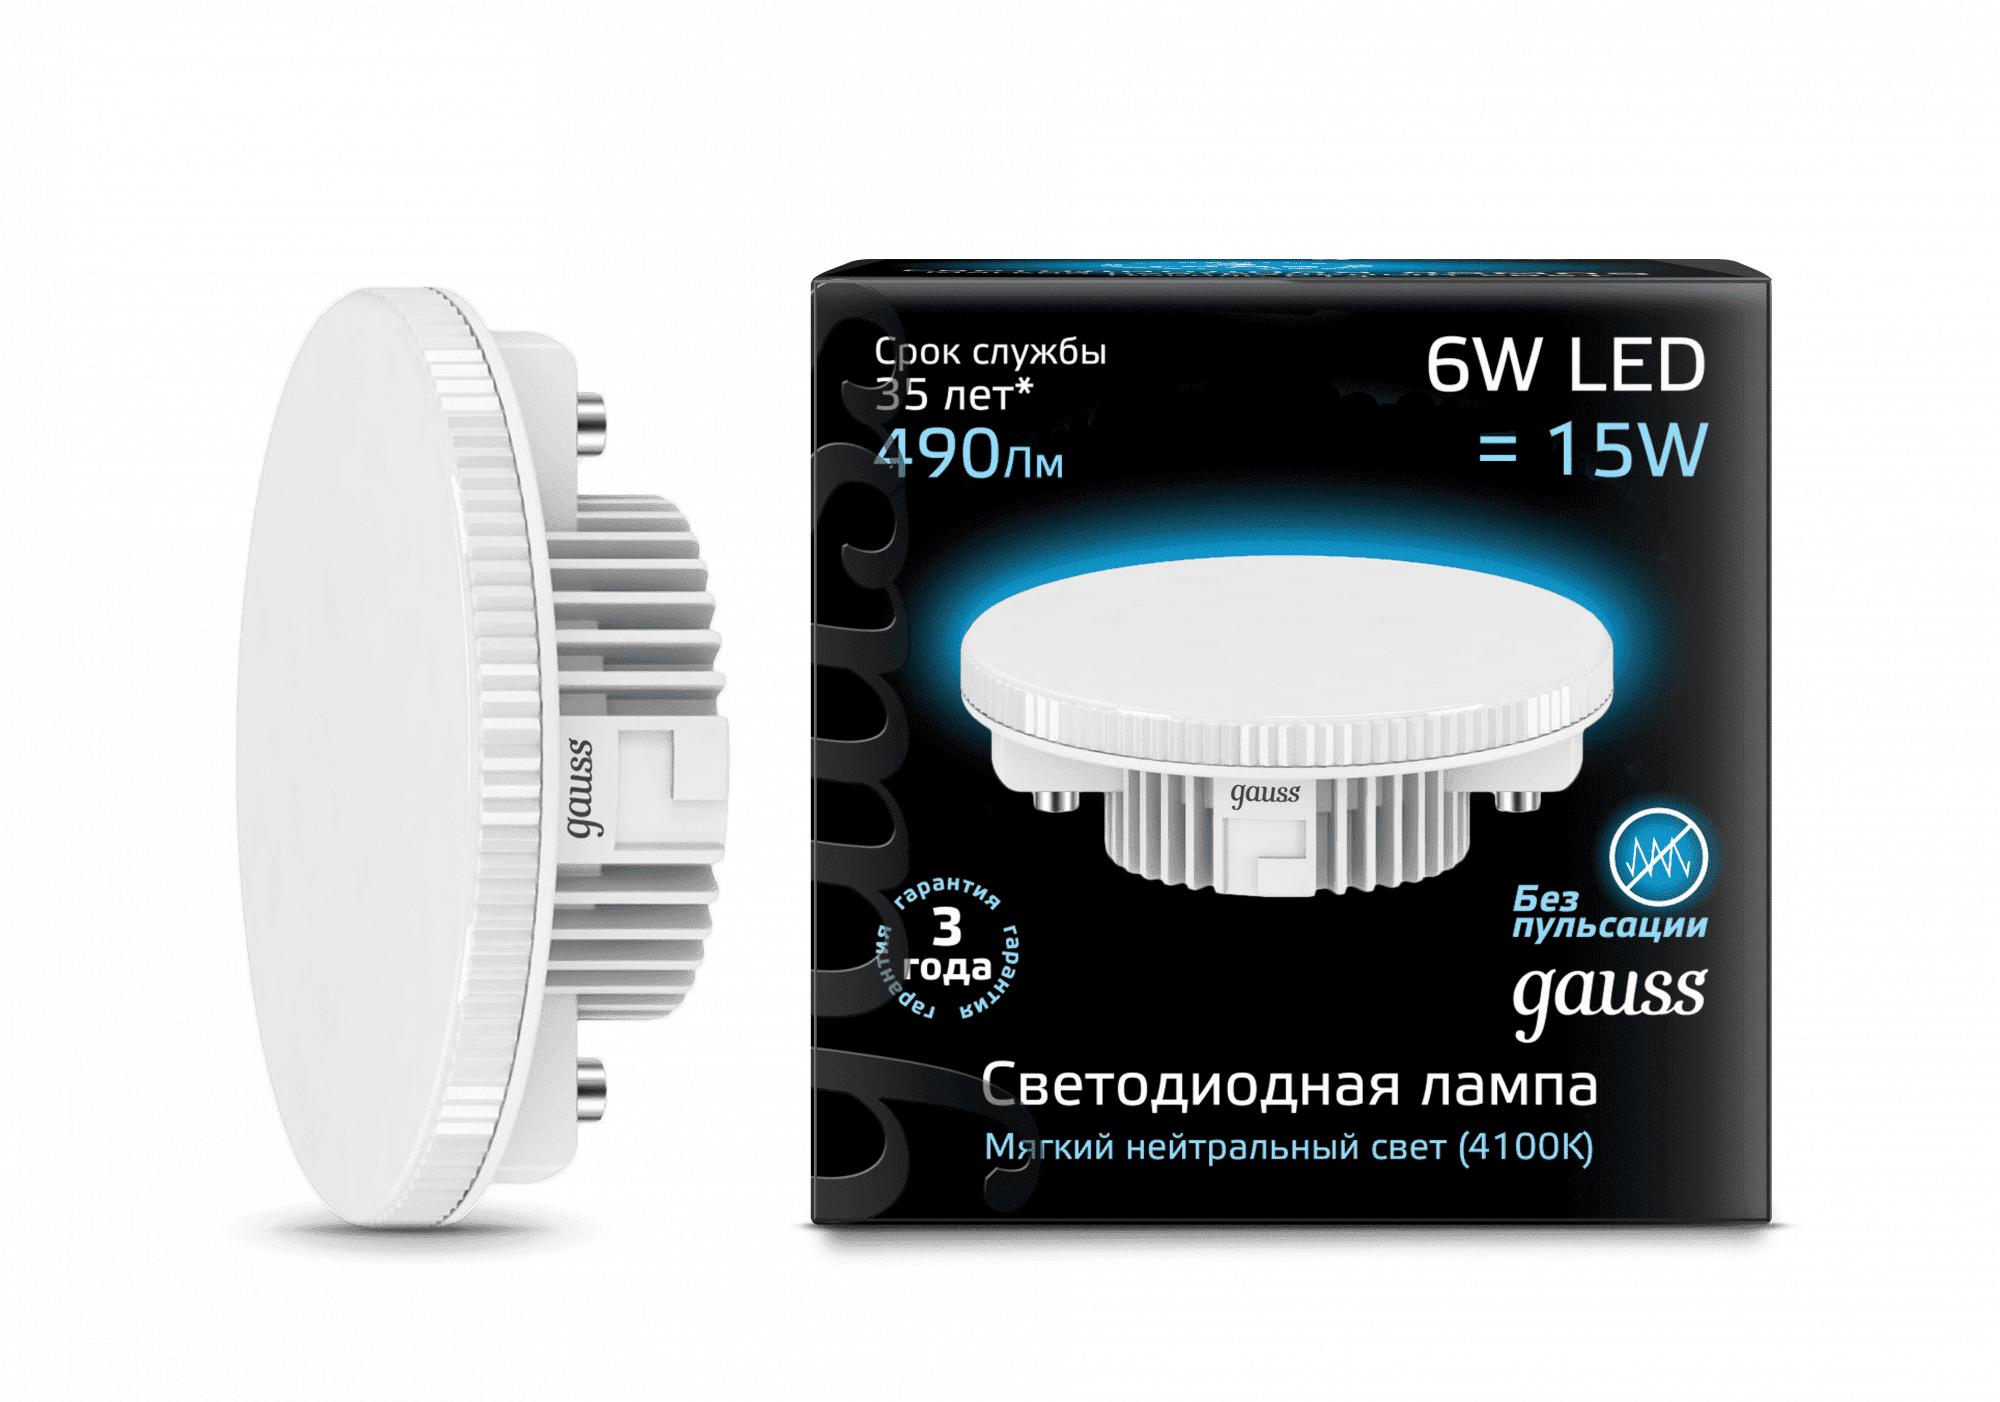 Gauss LED GX53 6W 4100K арт. 108008206